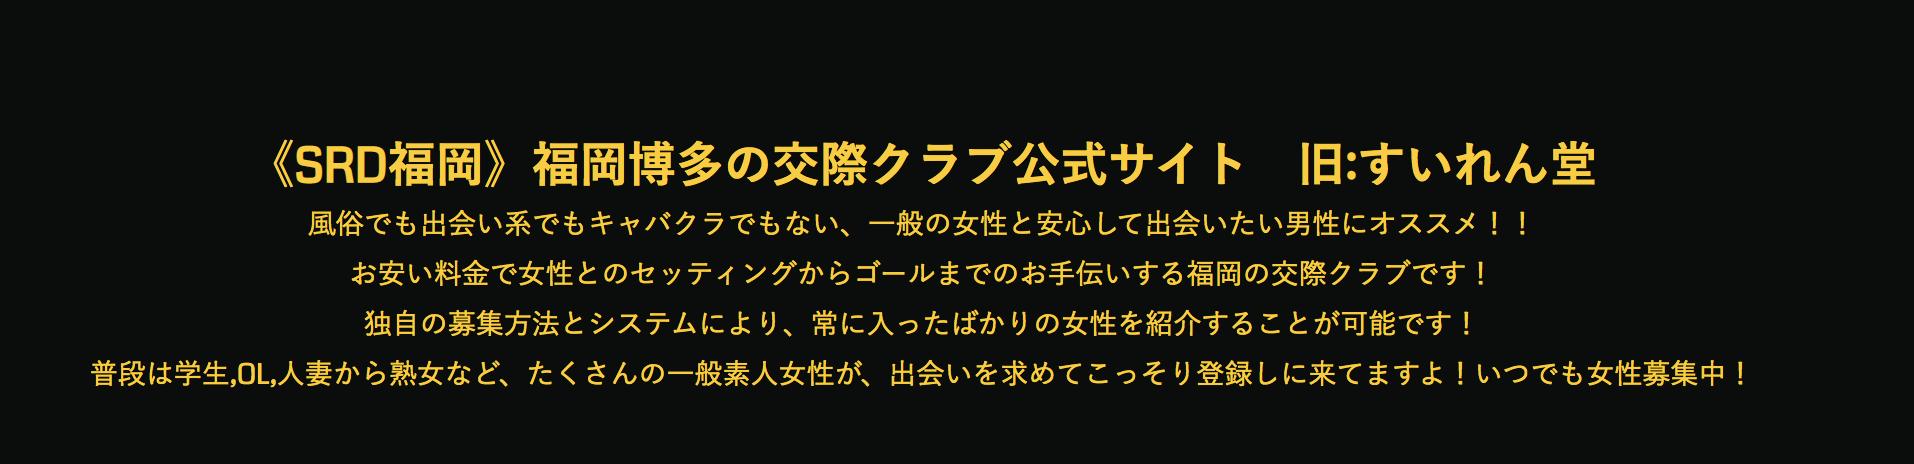 スクリーンショット 2019-11-08 10.36.54